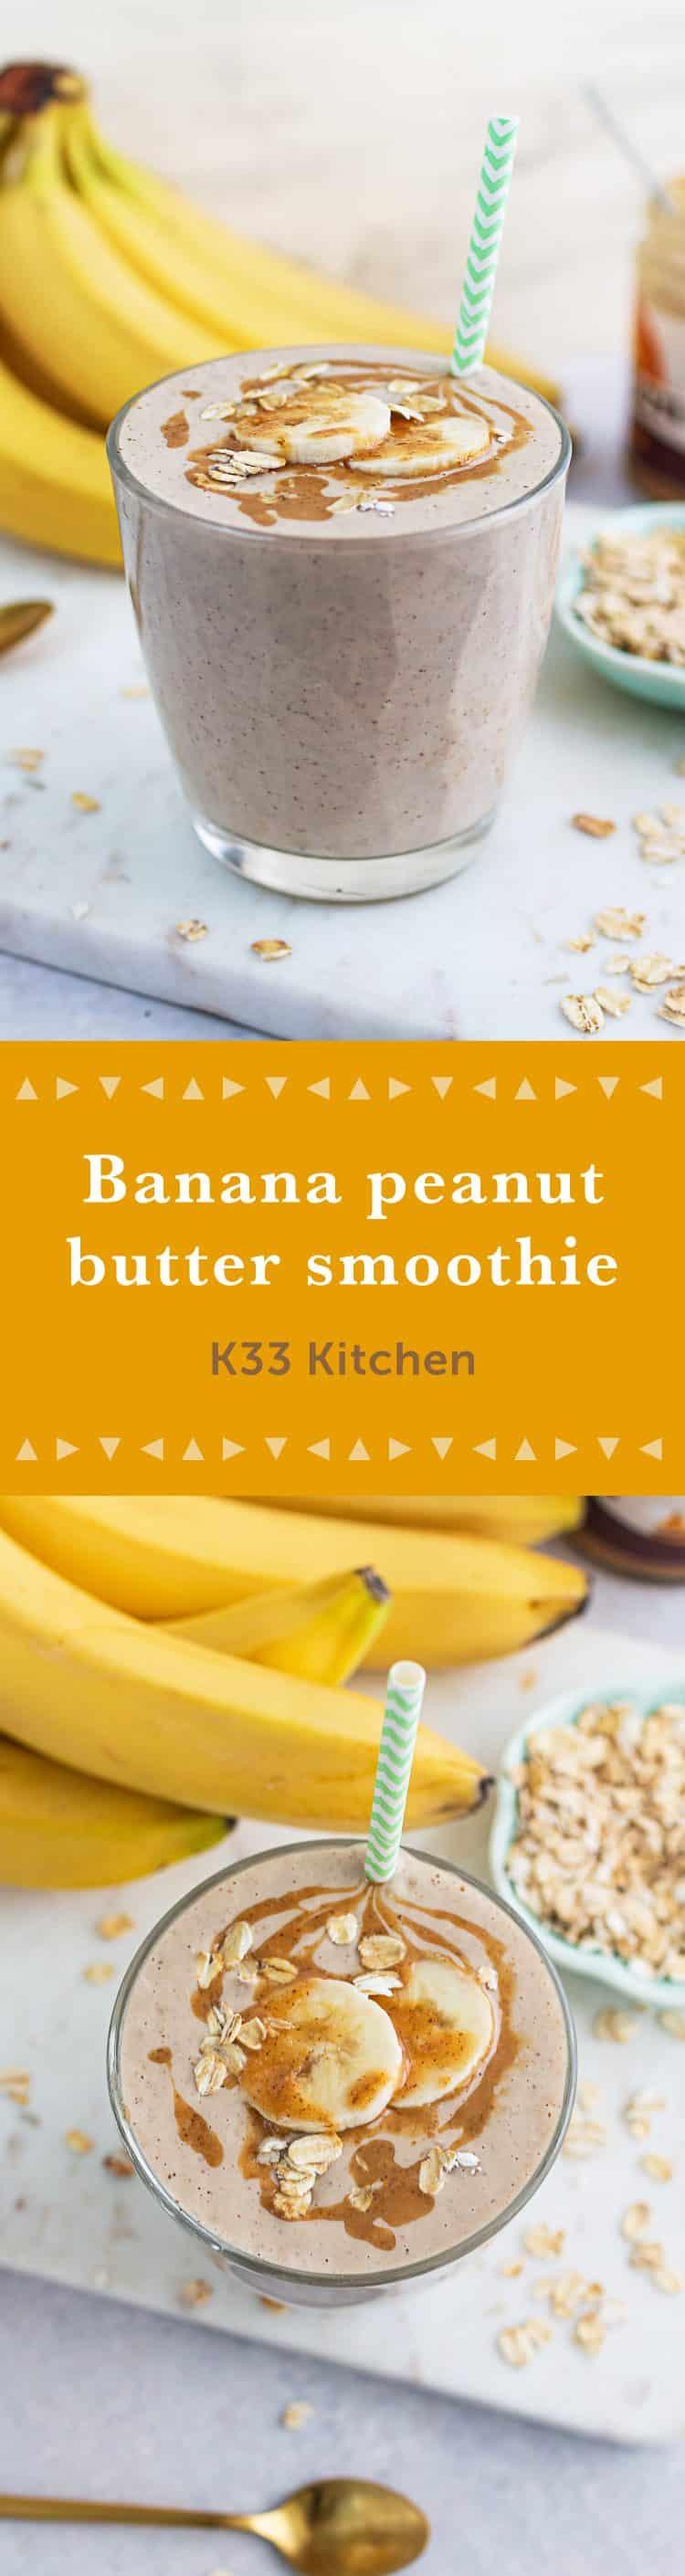 K33Kitchen banana peanut butter smoothie